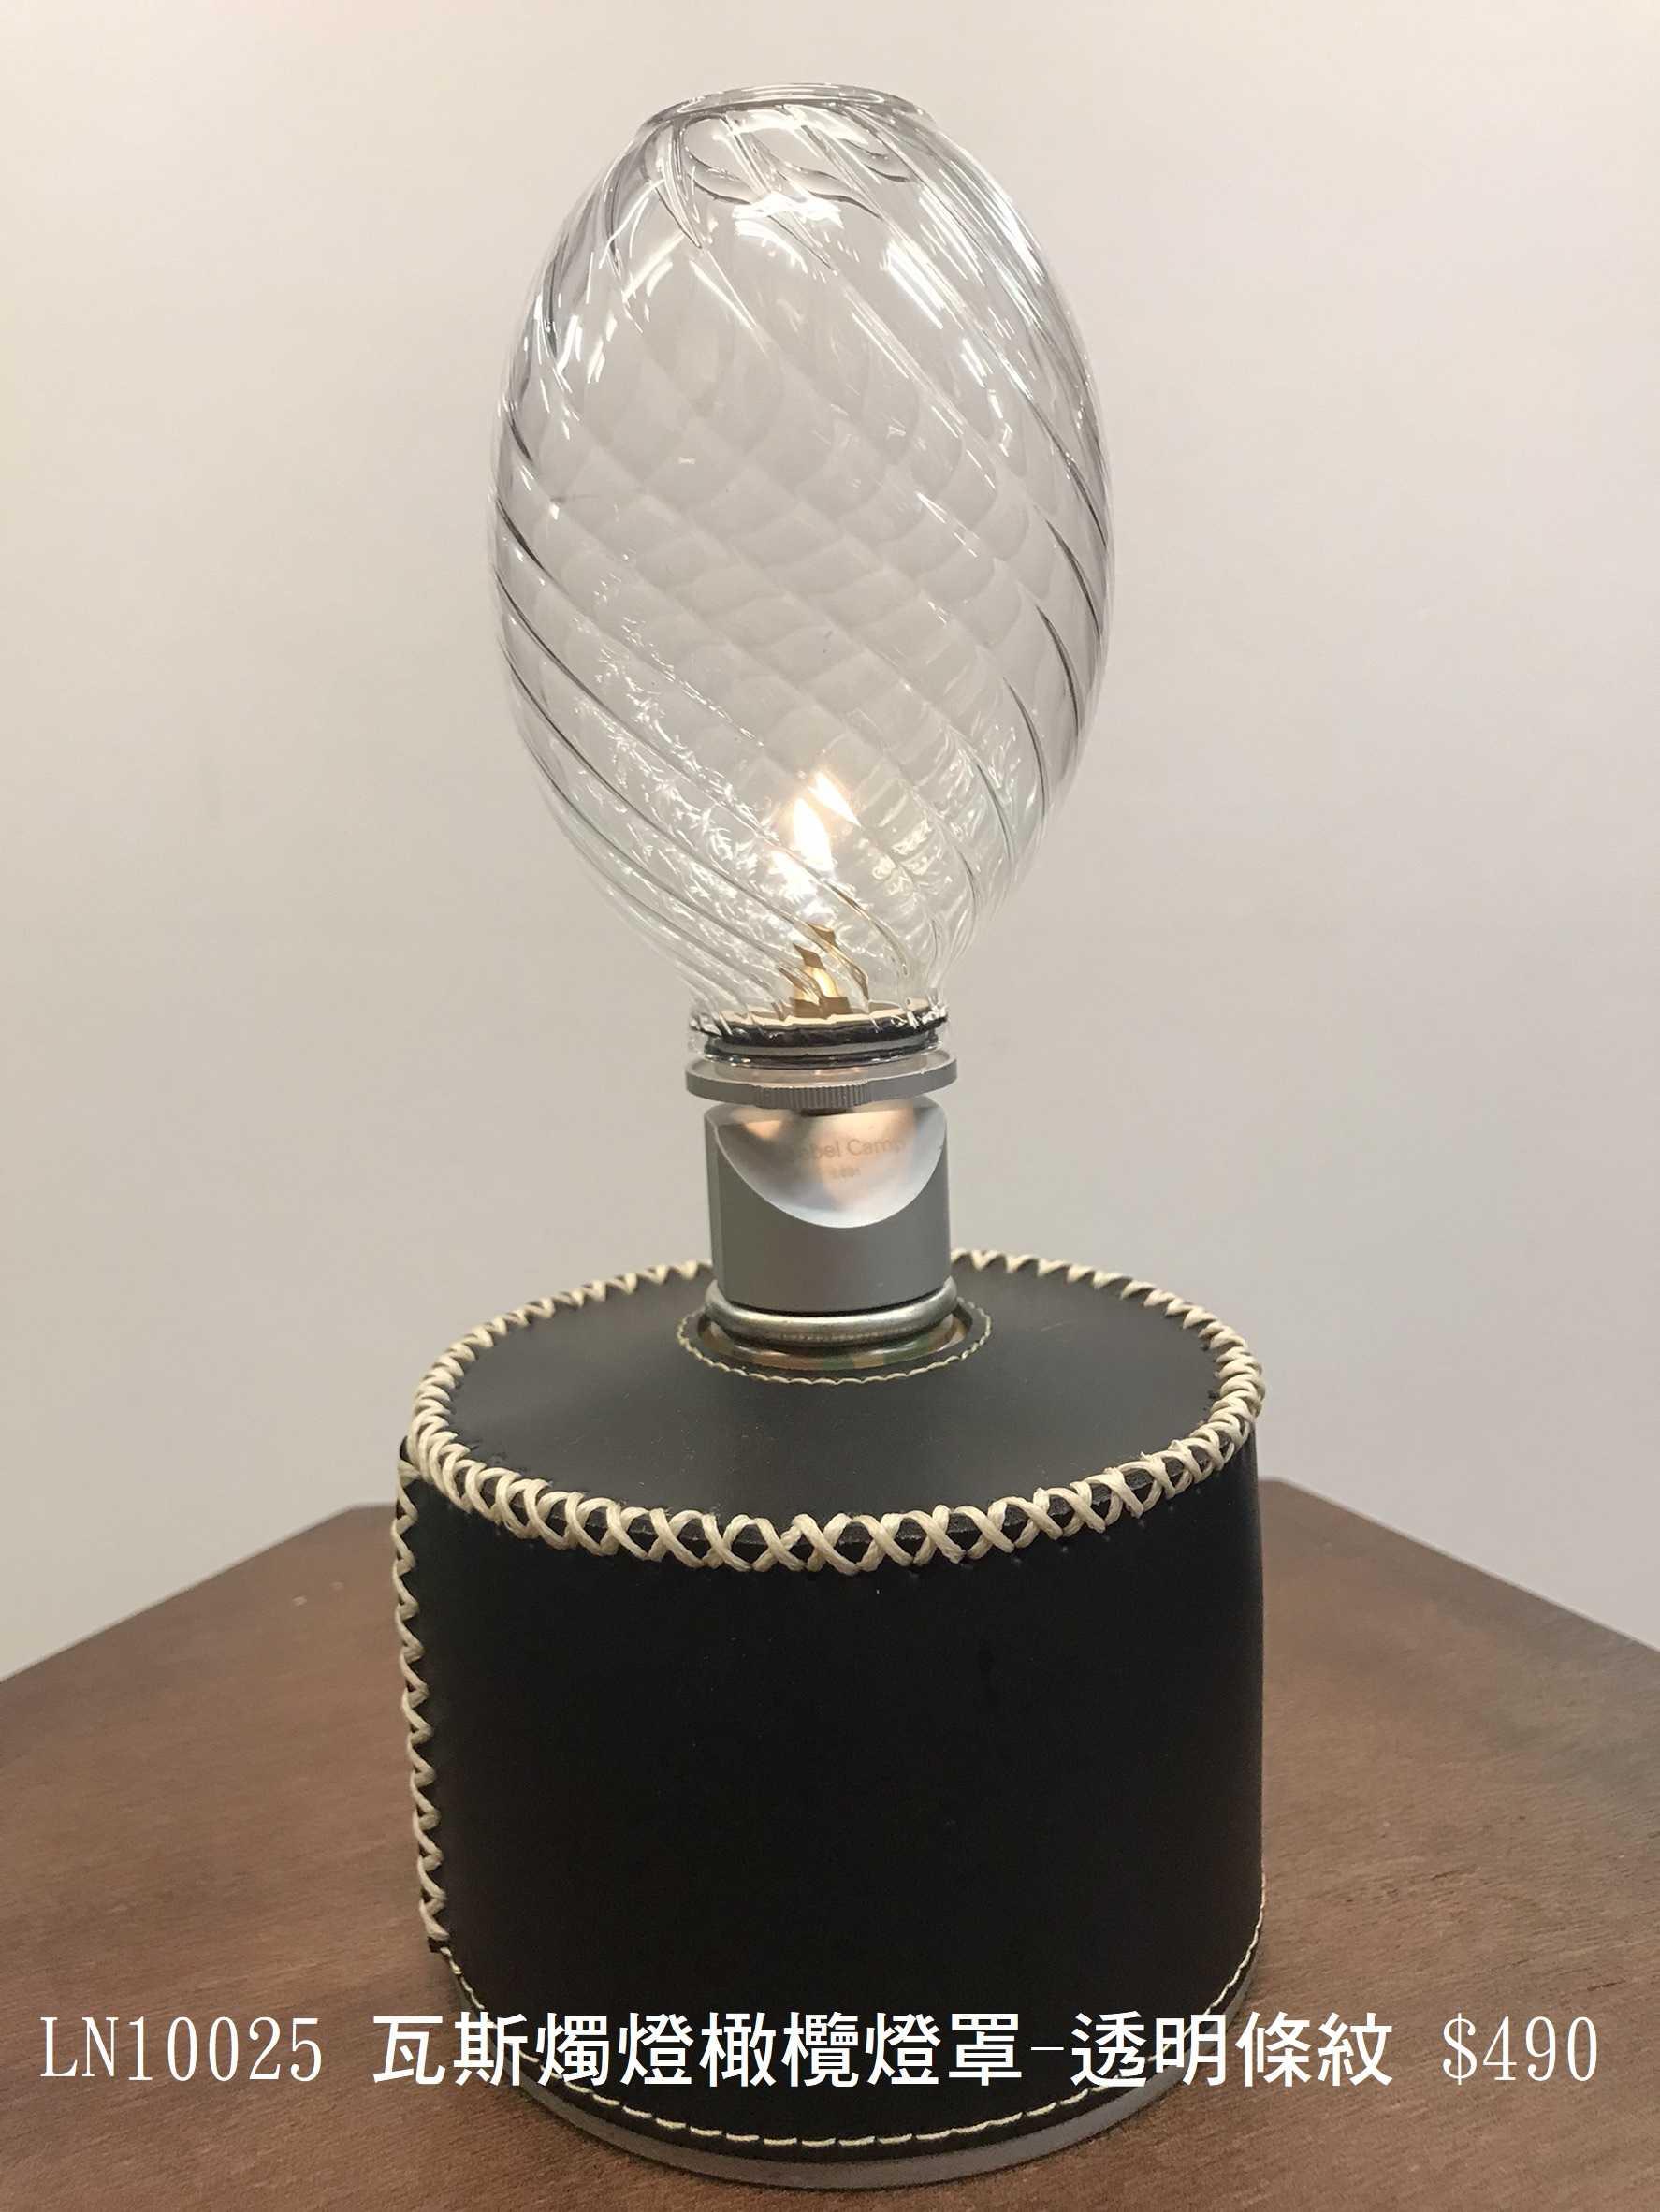 瓦斯燭燈玻璃燈罩- 橄欖透明條紋燈罩【露戰隊】